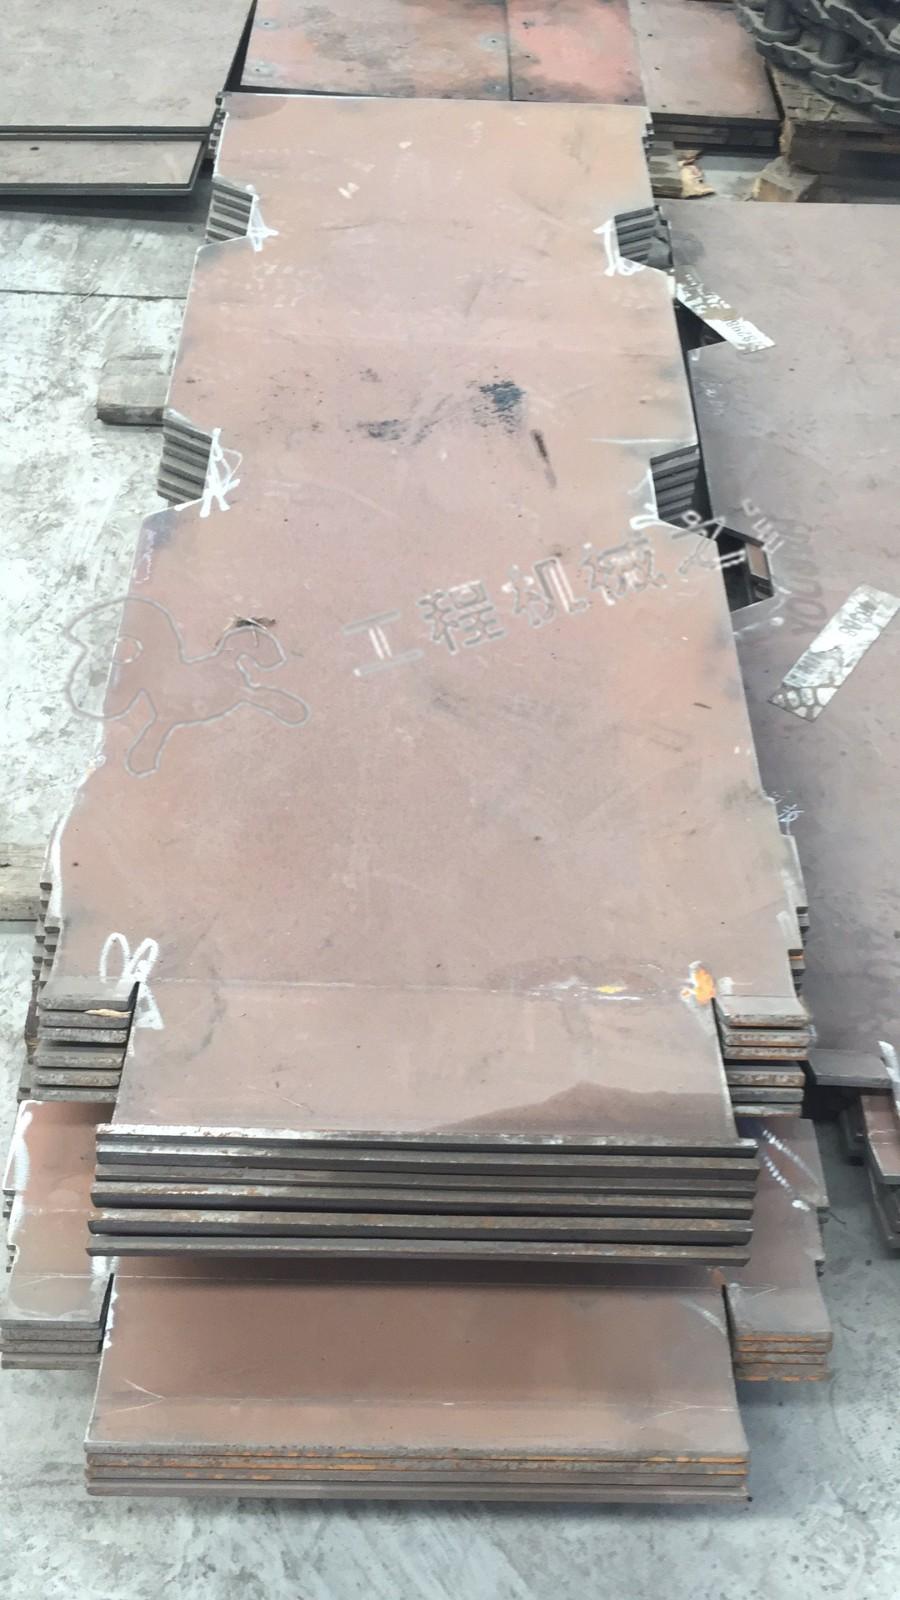 福格勒S2100-2摊铺机输料底板加水印.jpg